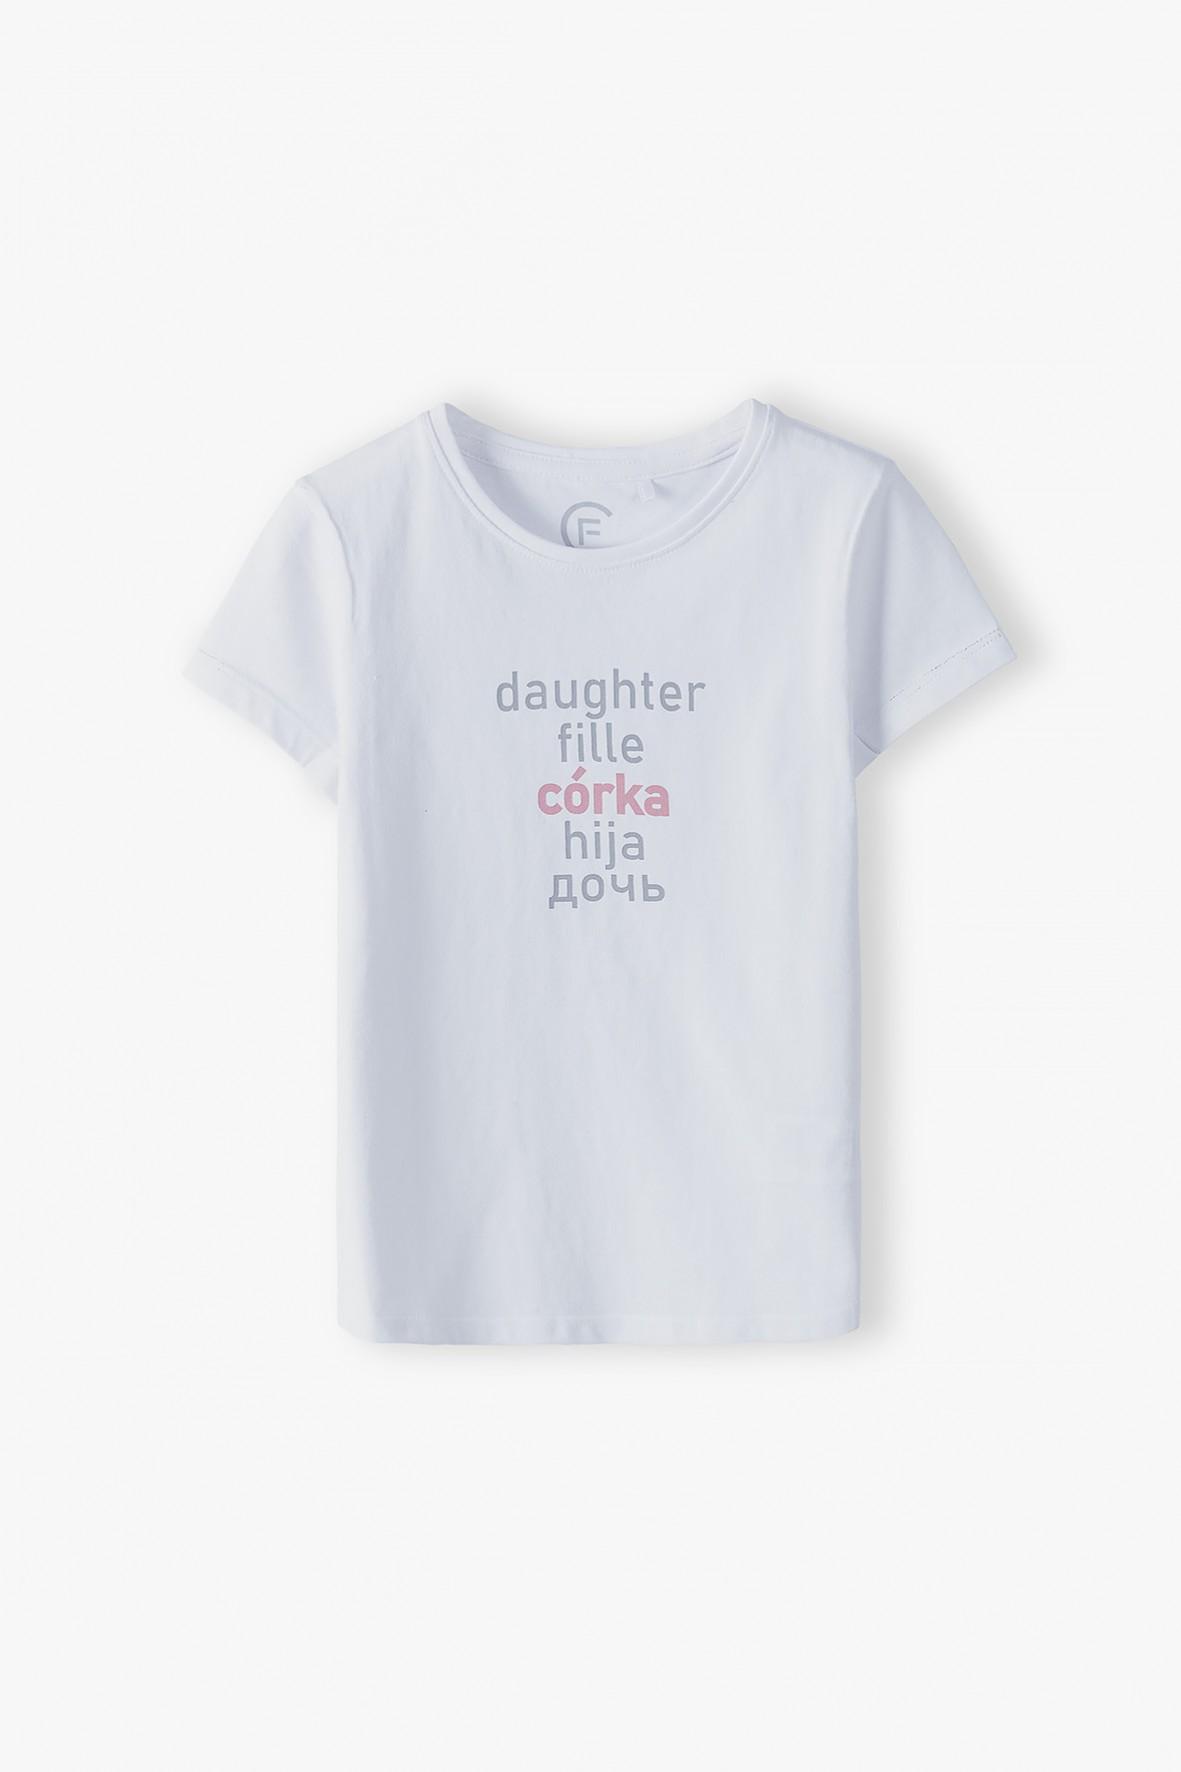 Biały t-shirt dziewczęcy - Córka ubrania dla całej rodziny